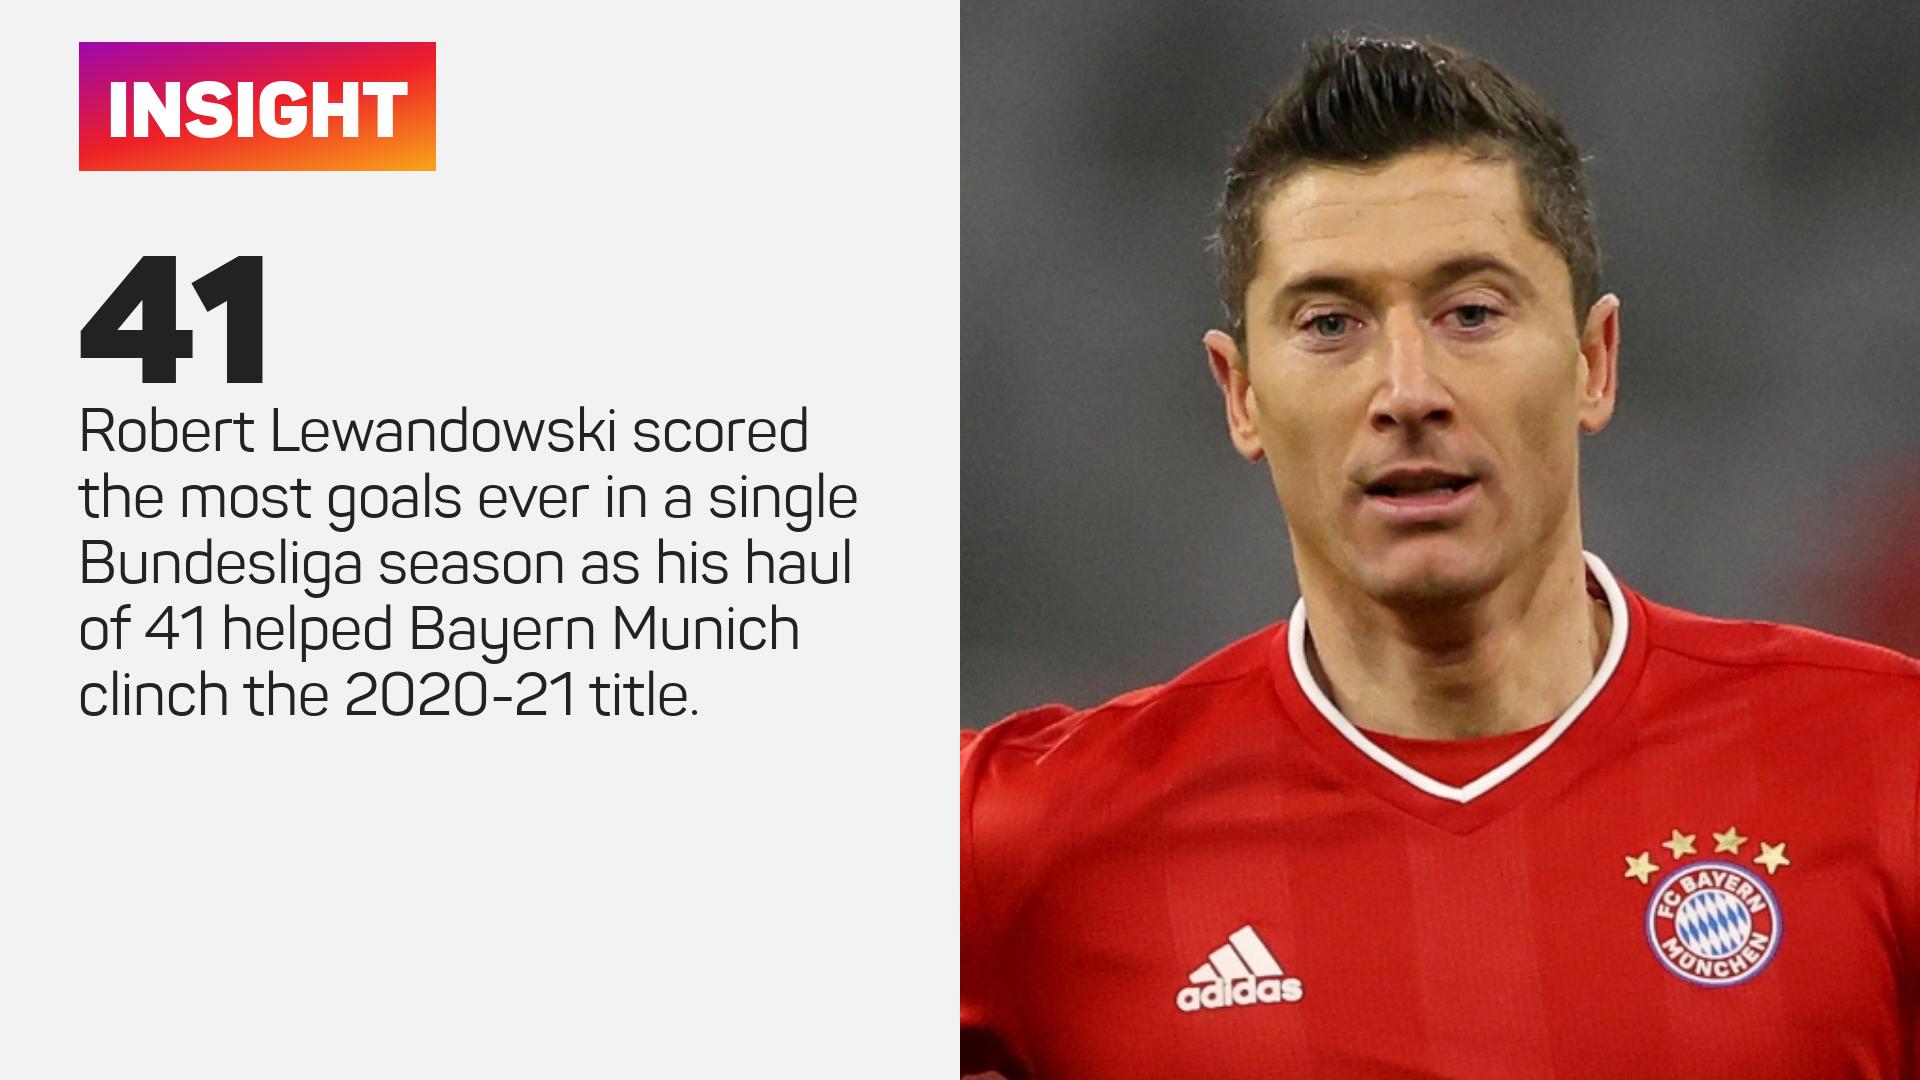 Robert Lewandowski had a bountiful season for Bayern